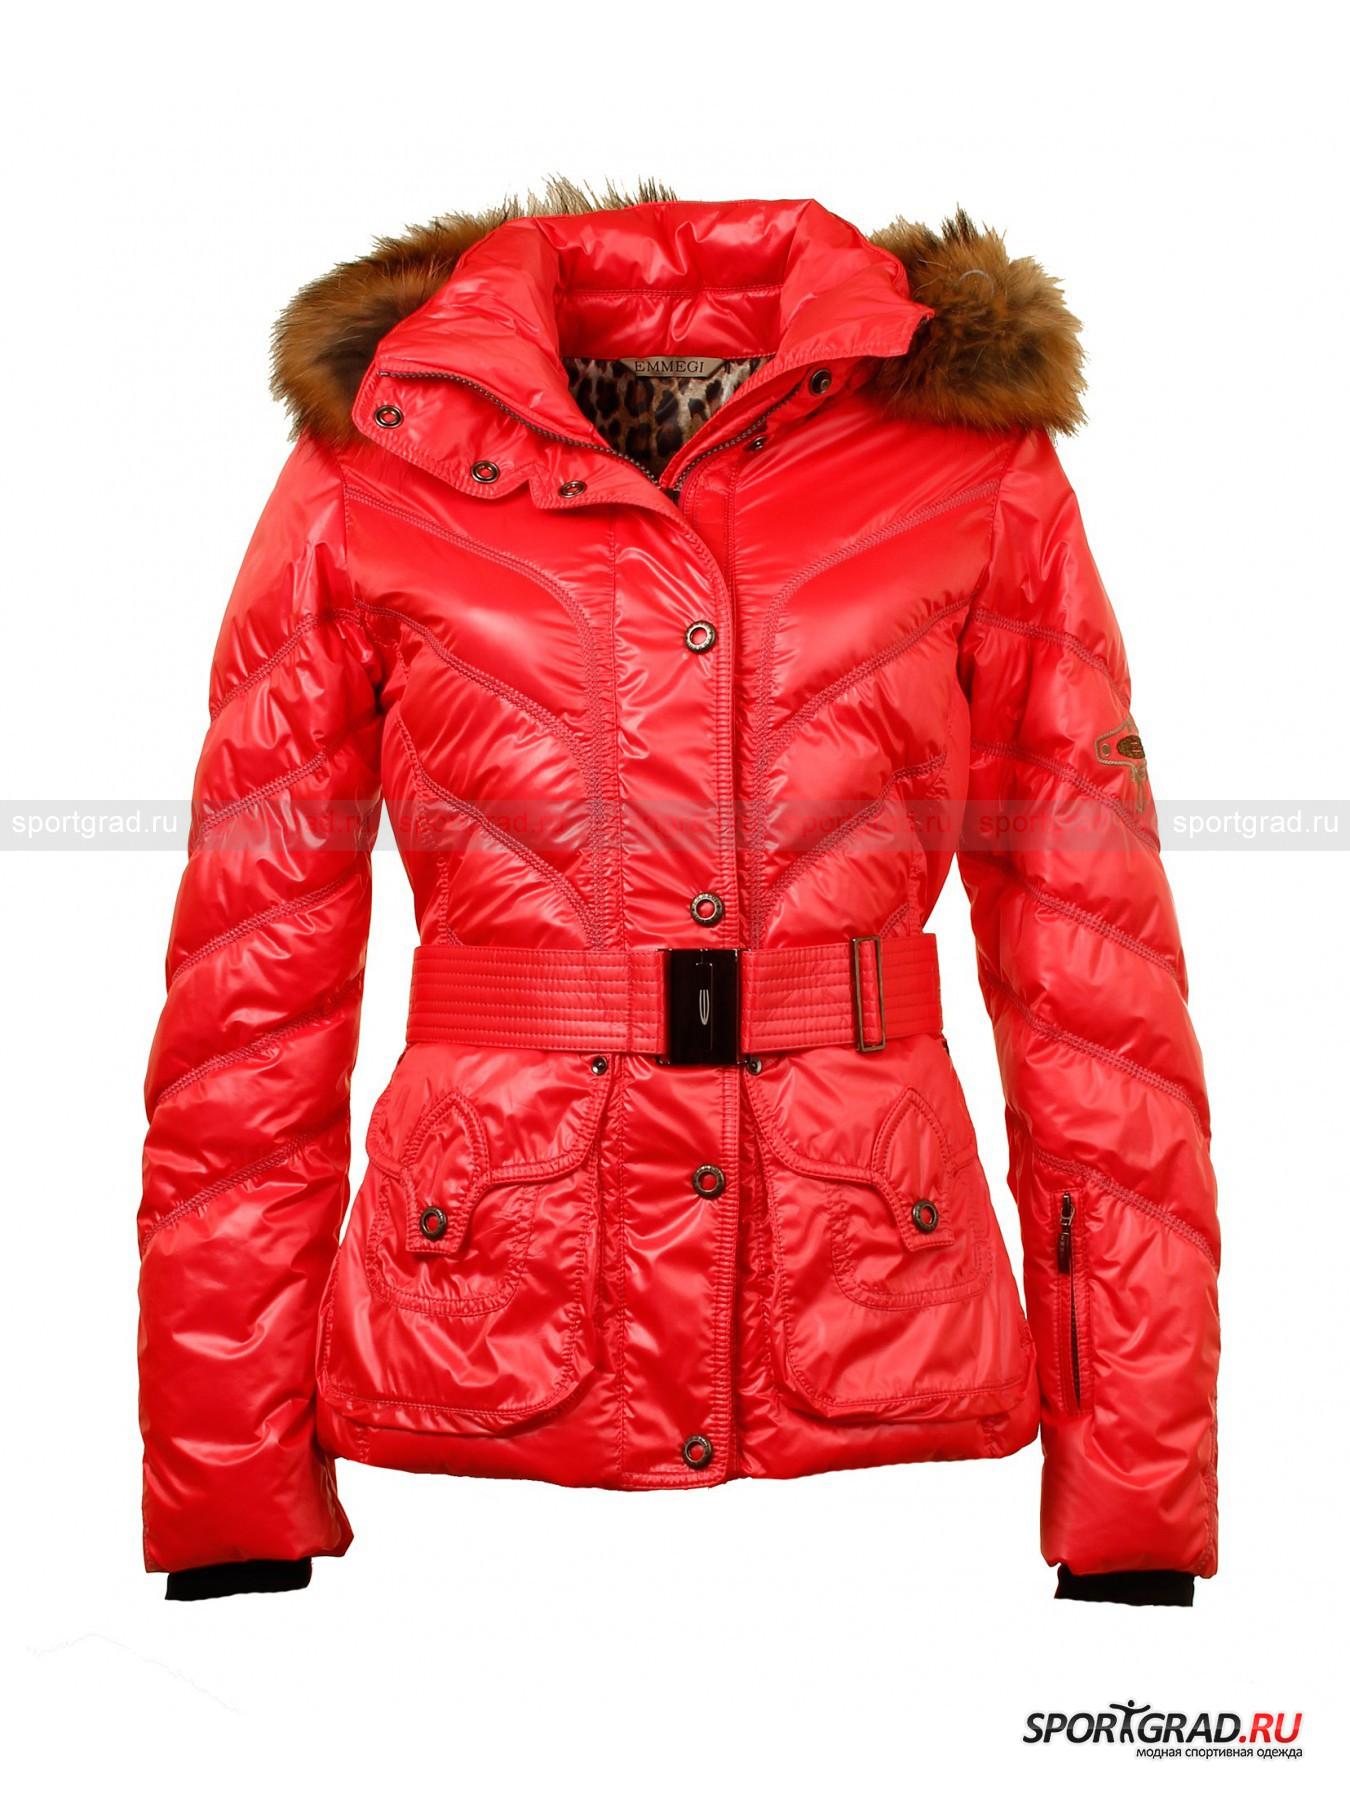 Куртка женская JENNY  EMMEGI с мехом на воротнике от Спортград